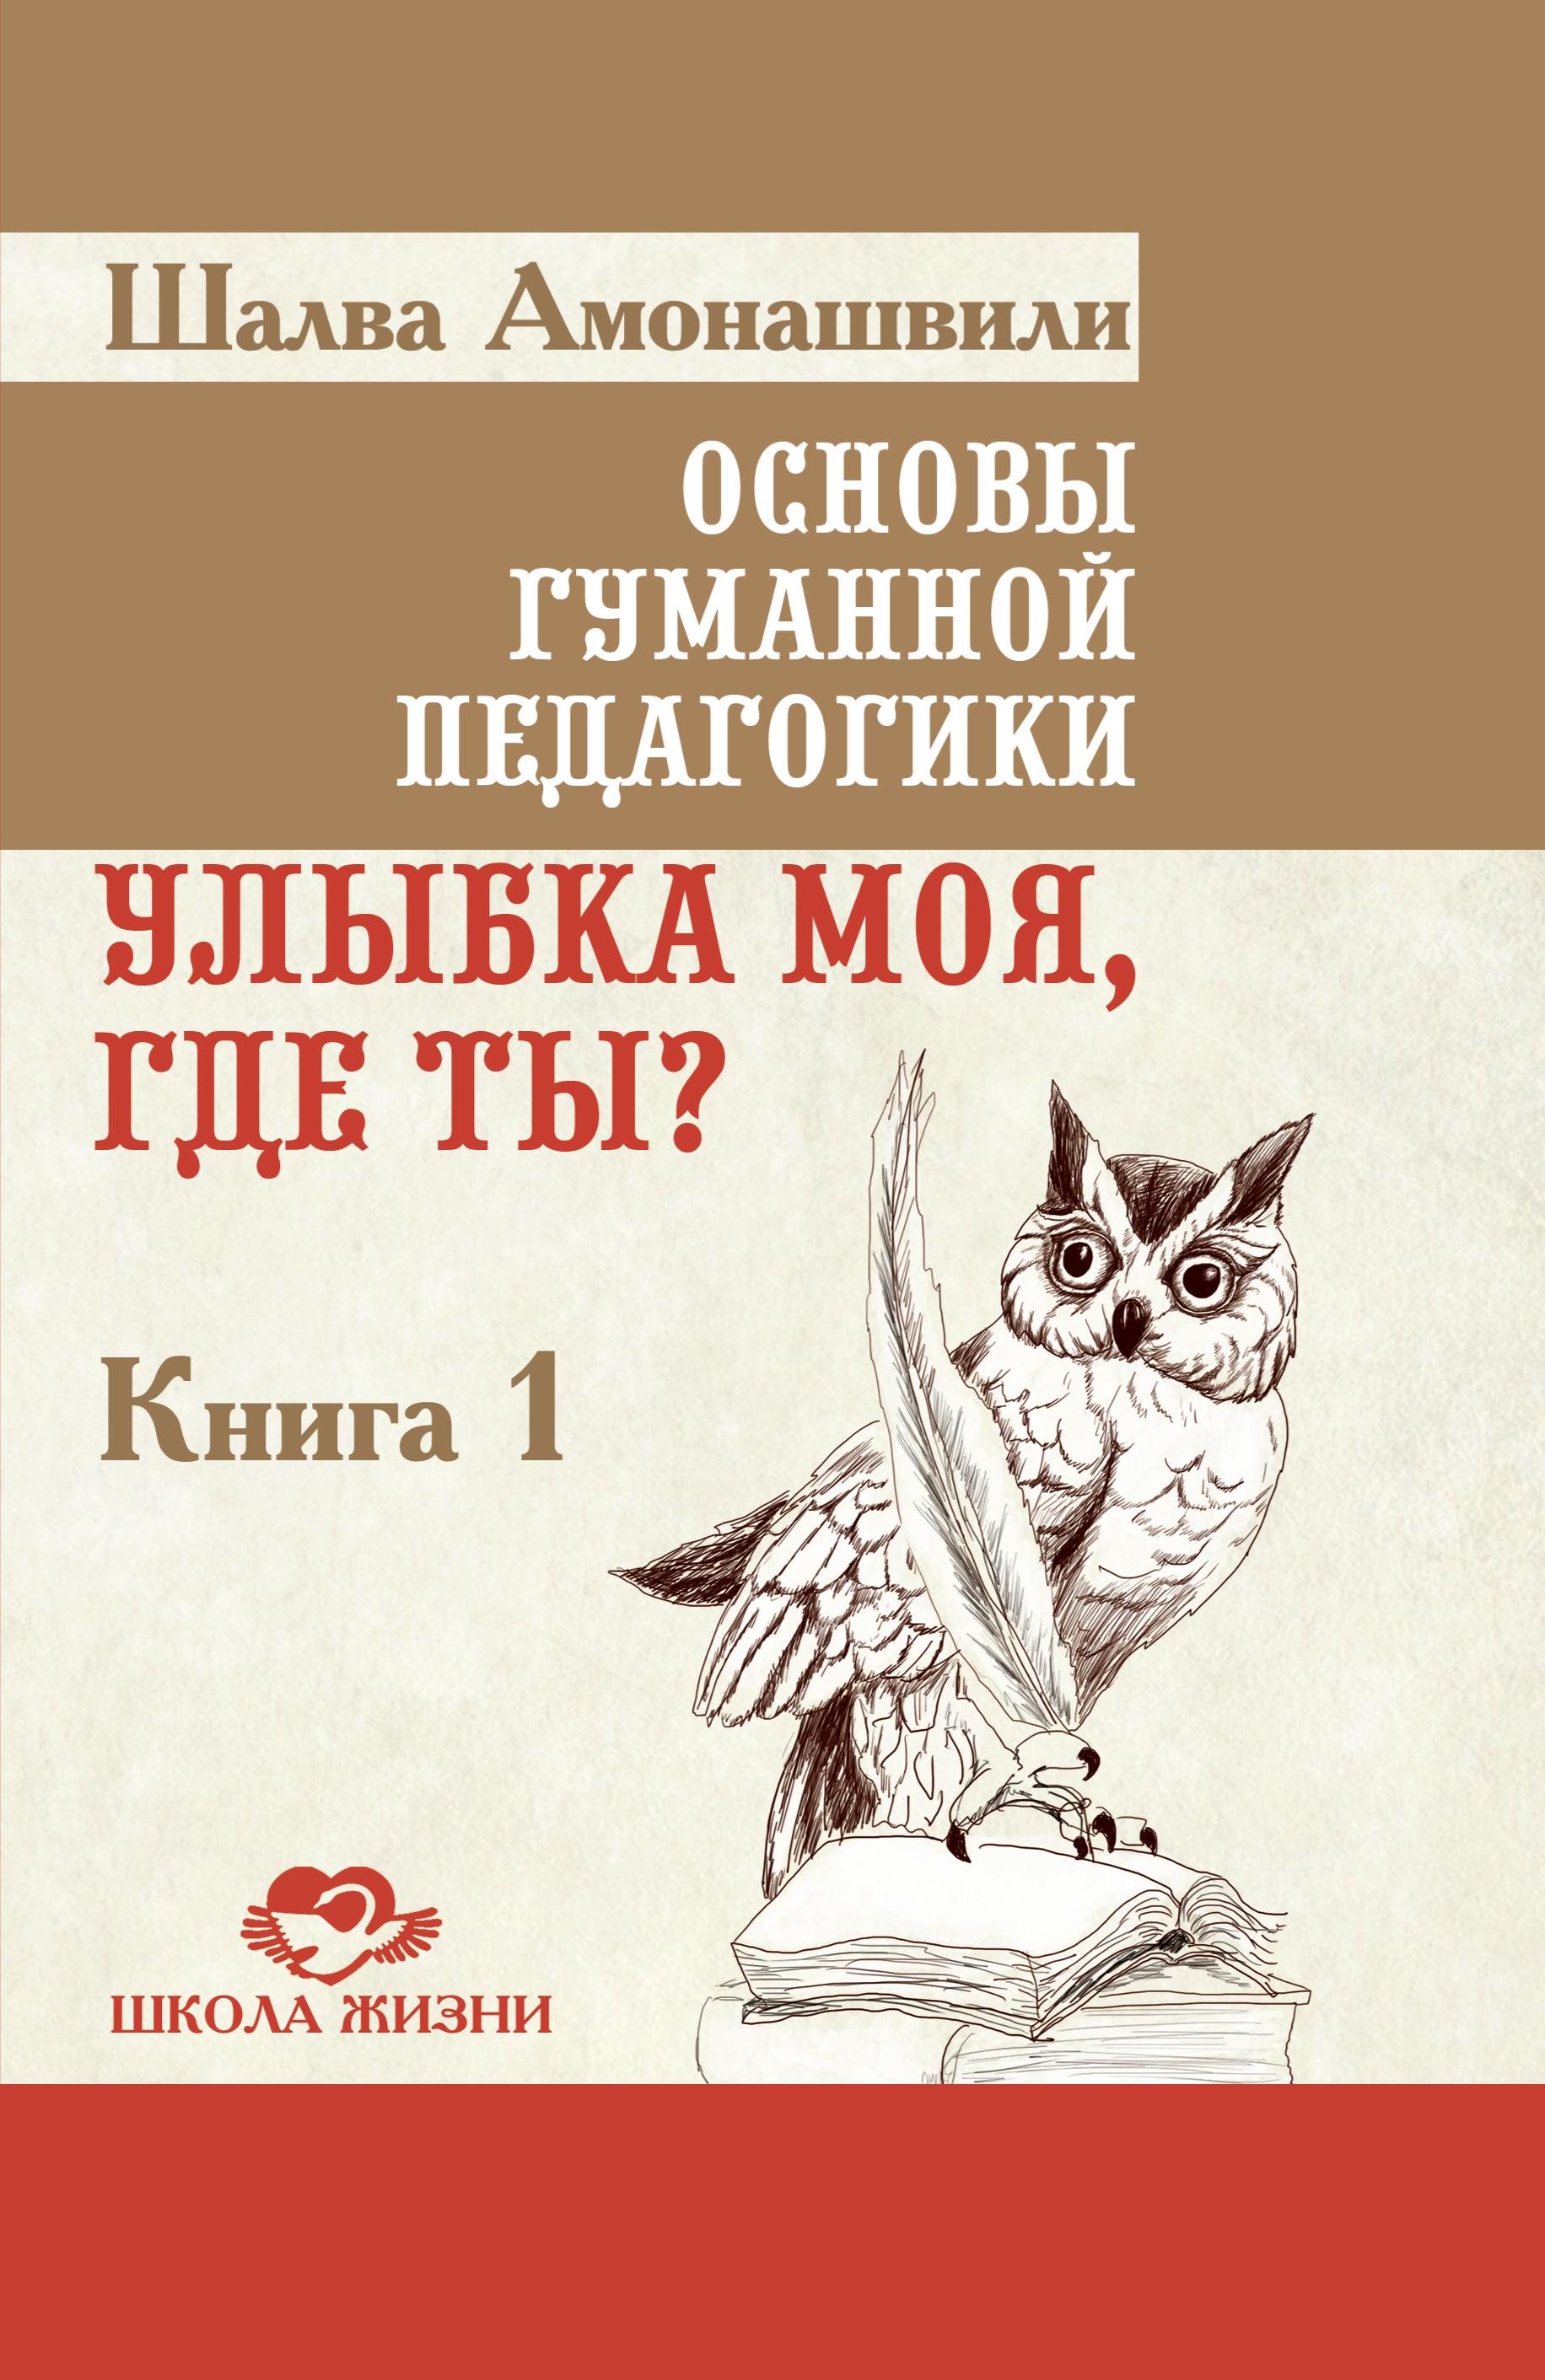 Основы гуманной педагогики. Кн. 1. 3-е изд. Улыбка моя, где ты?